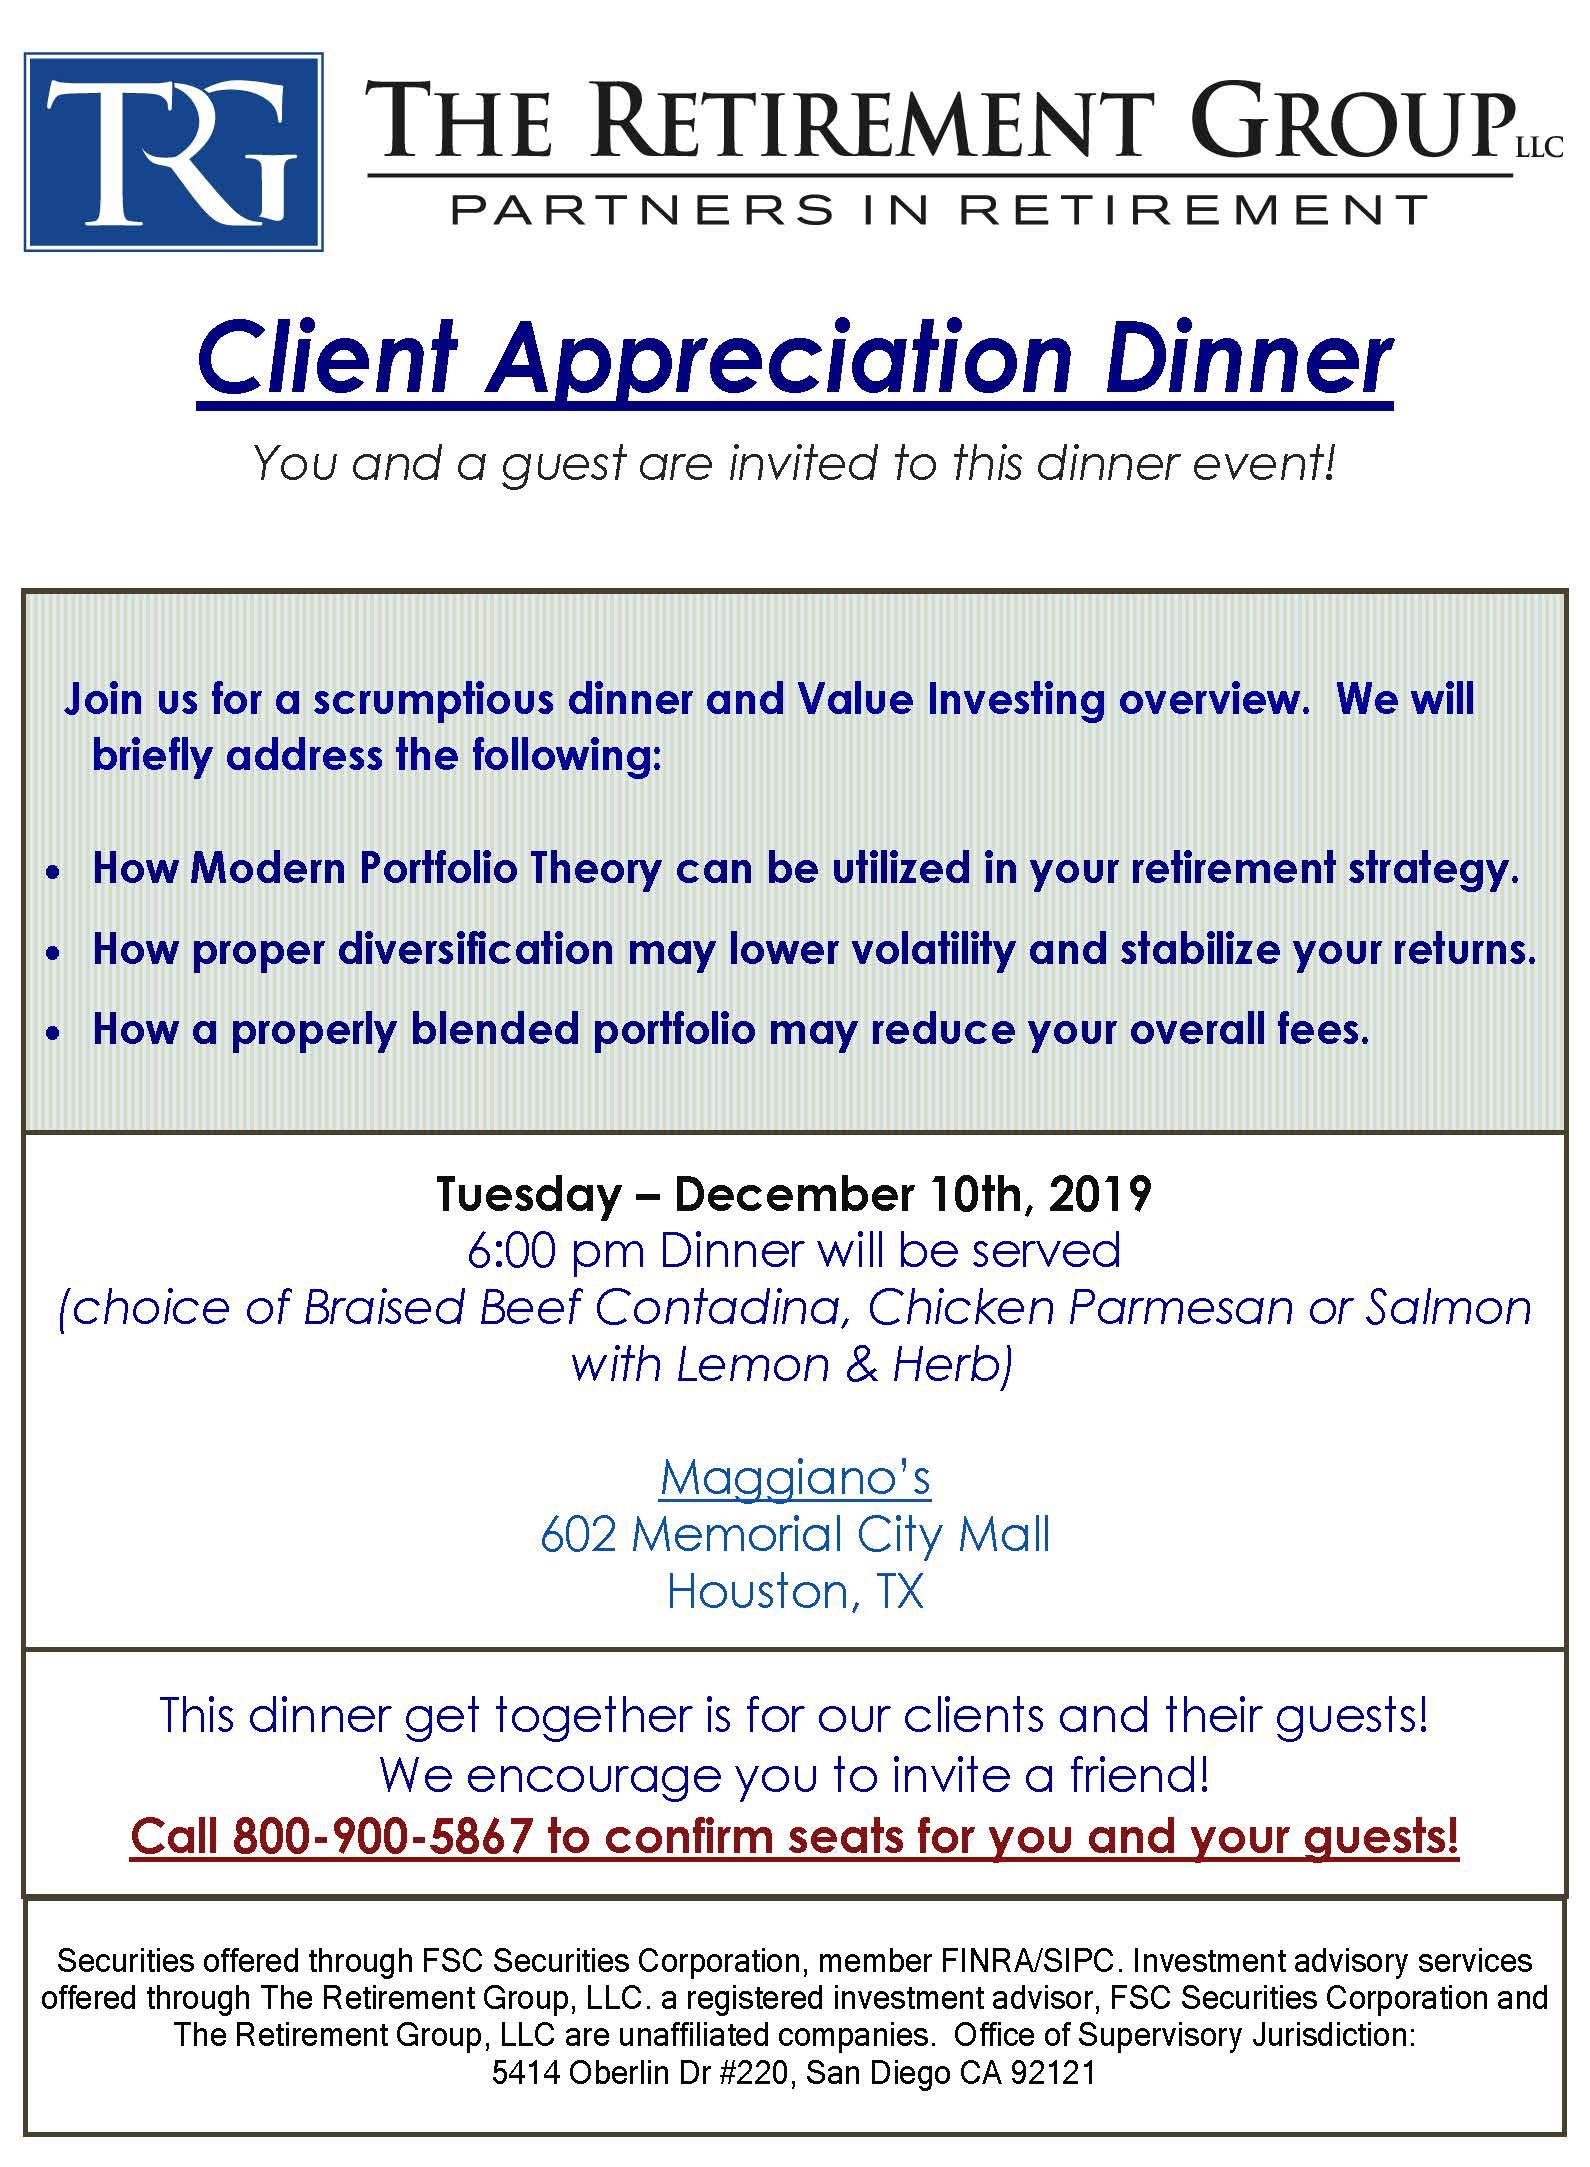 Client Dinner Houston 12-10-19